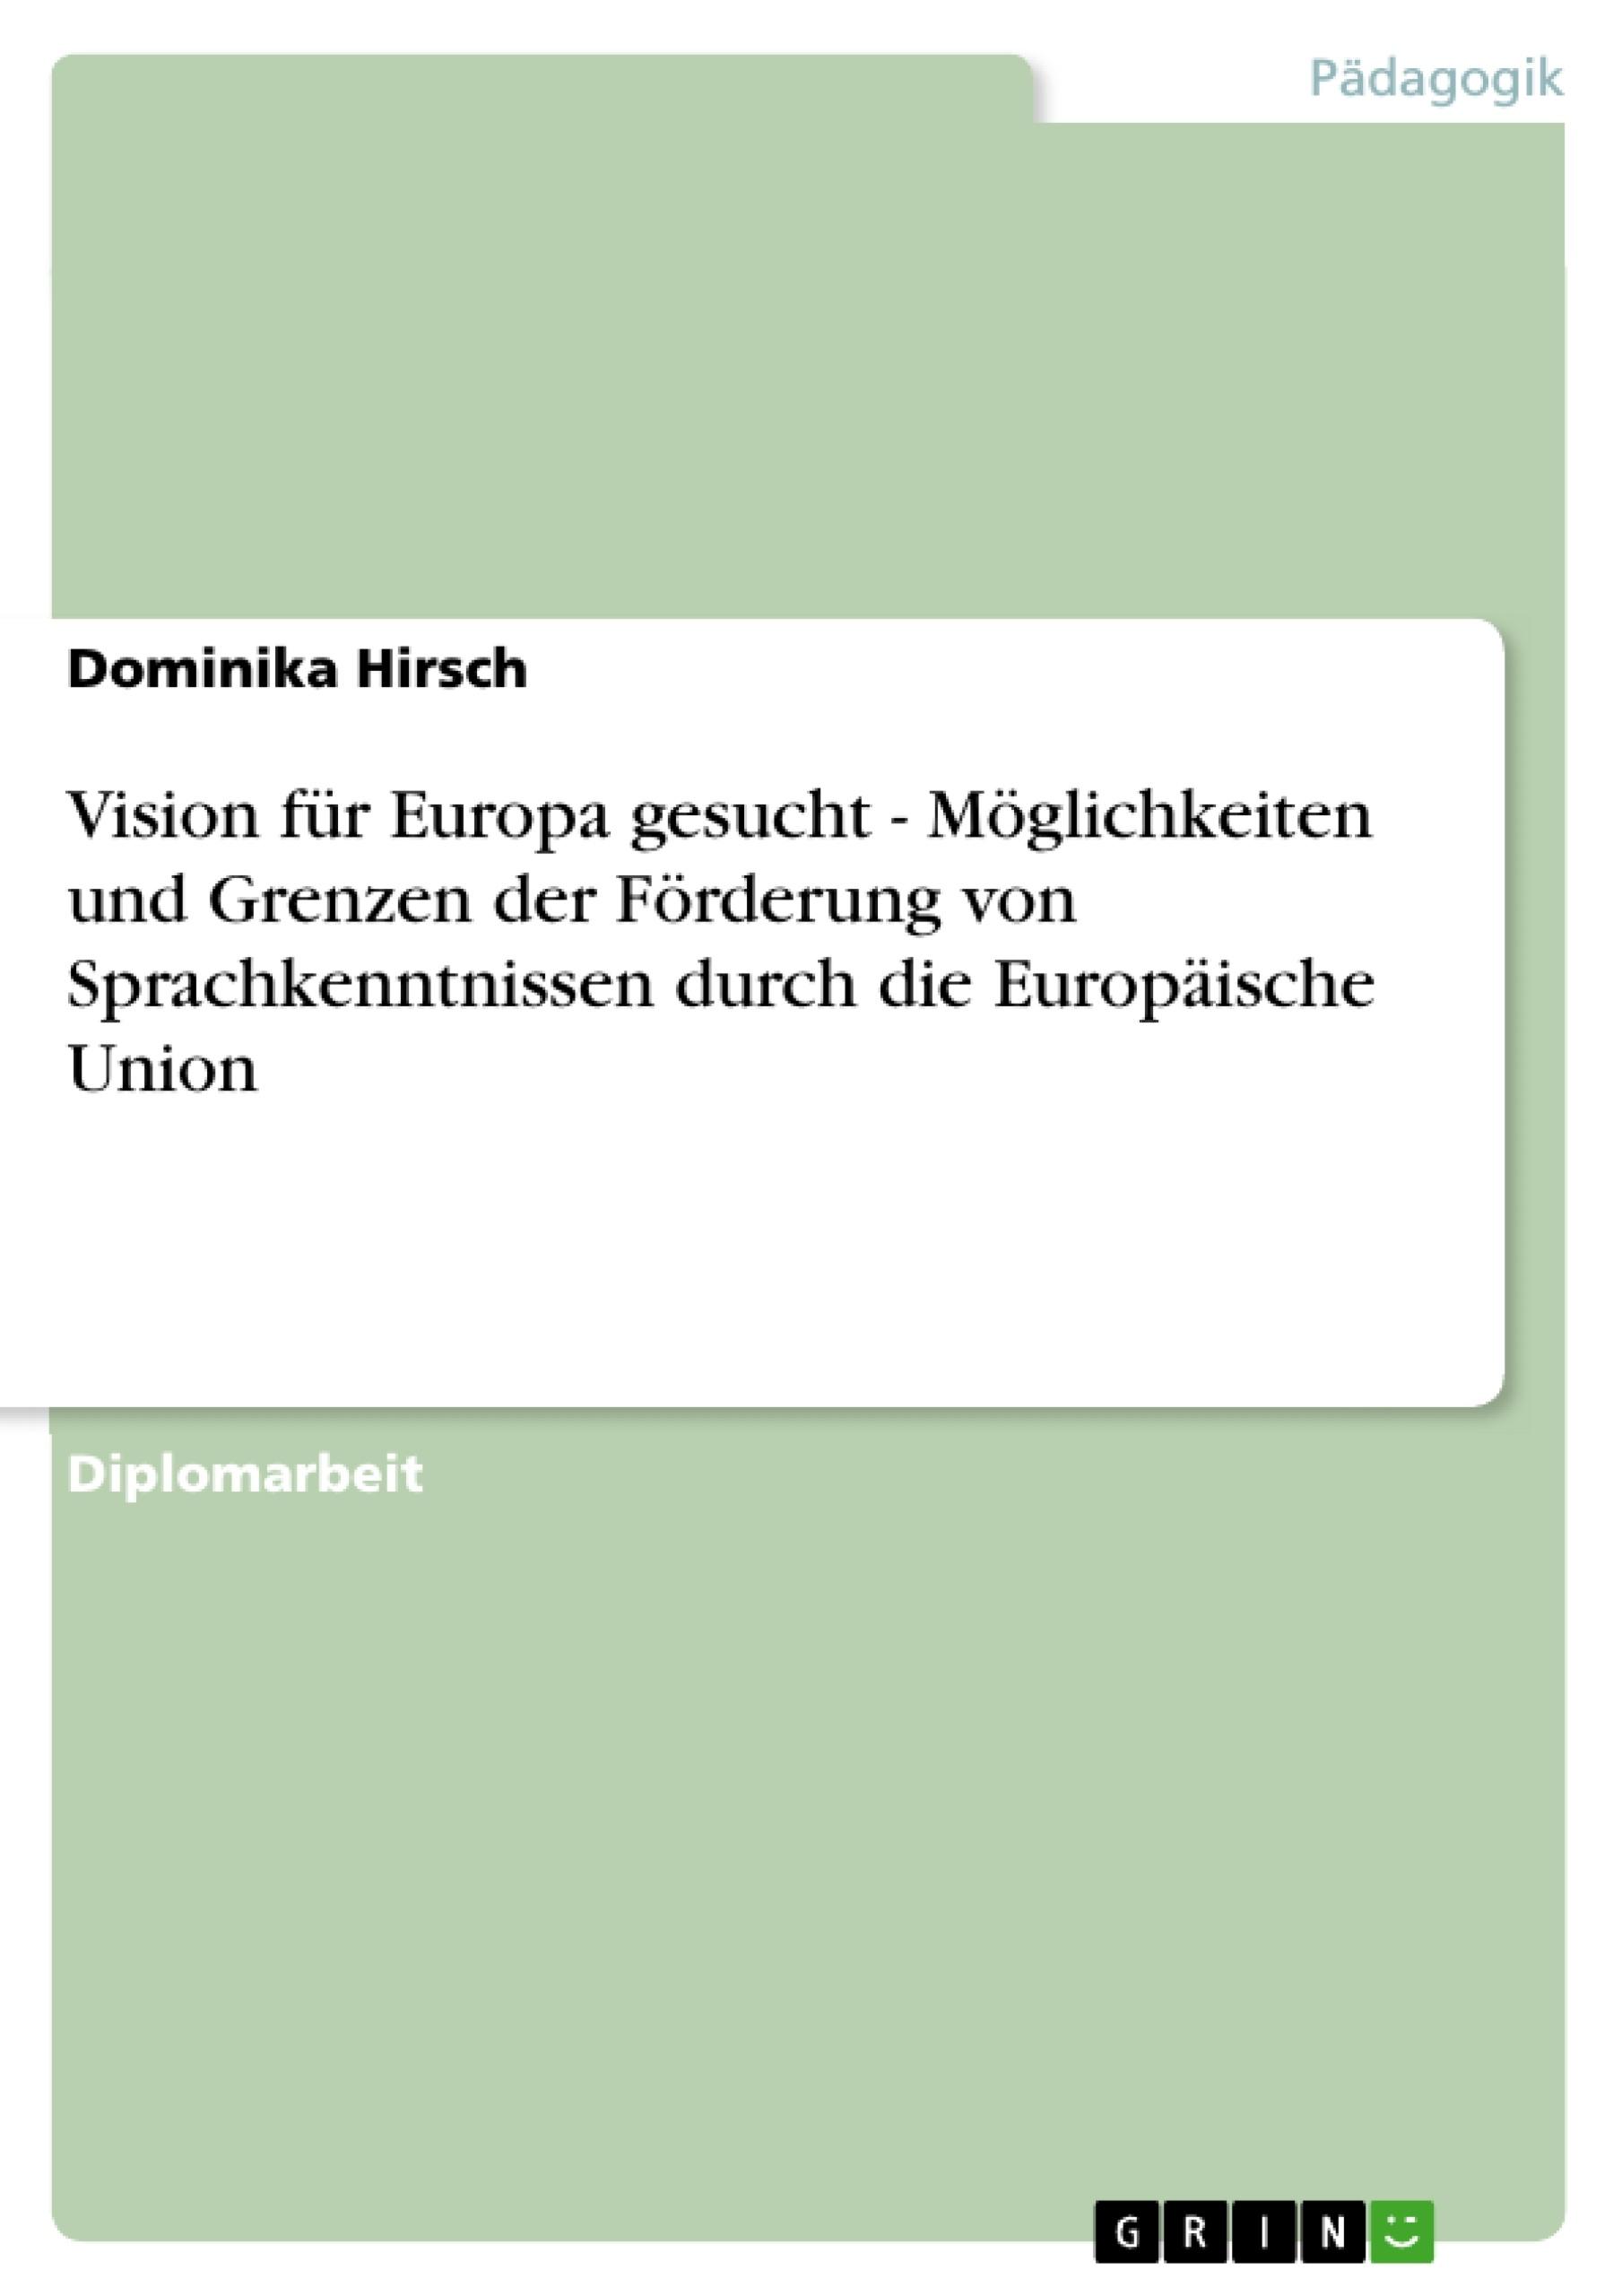 Titel: Vision für Europa gesucht - Möglichkeiten und Grenzen der Förderung von Sprachkenntnissen durch die Europäische Union